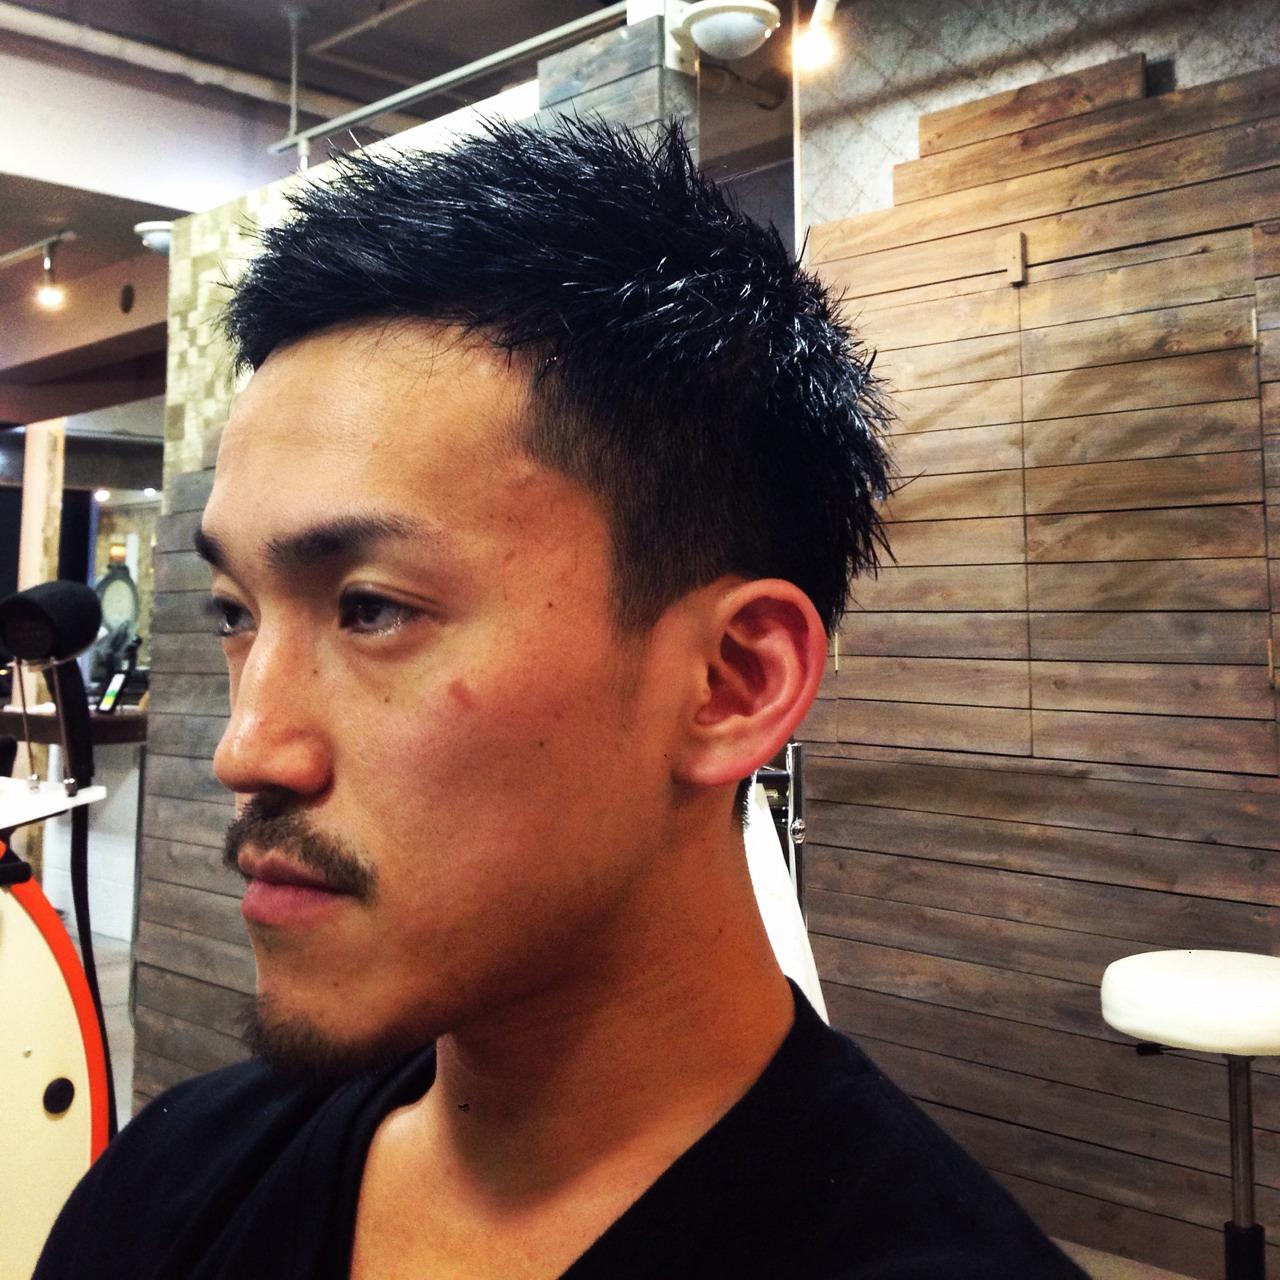 http://www.savian.jp/asset/S__4145154.jpg